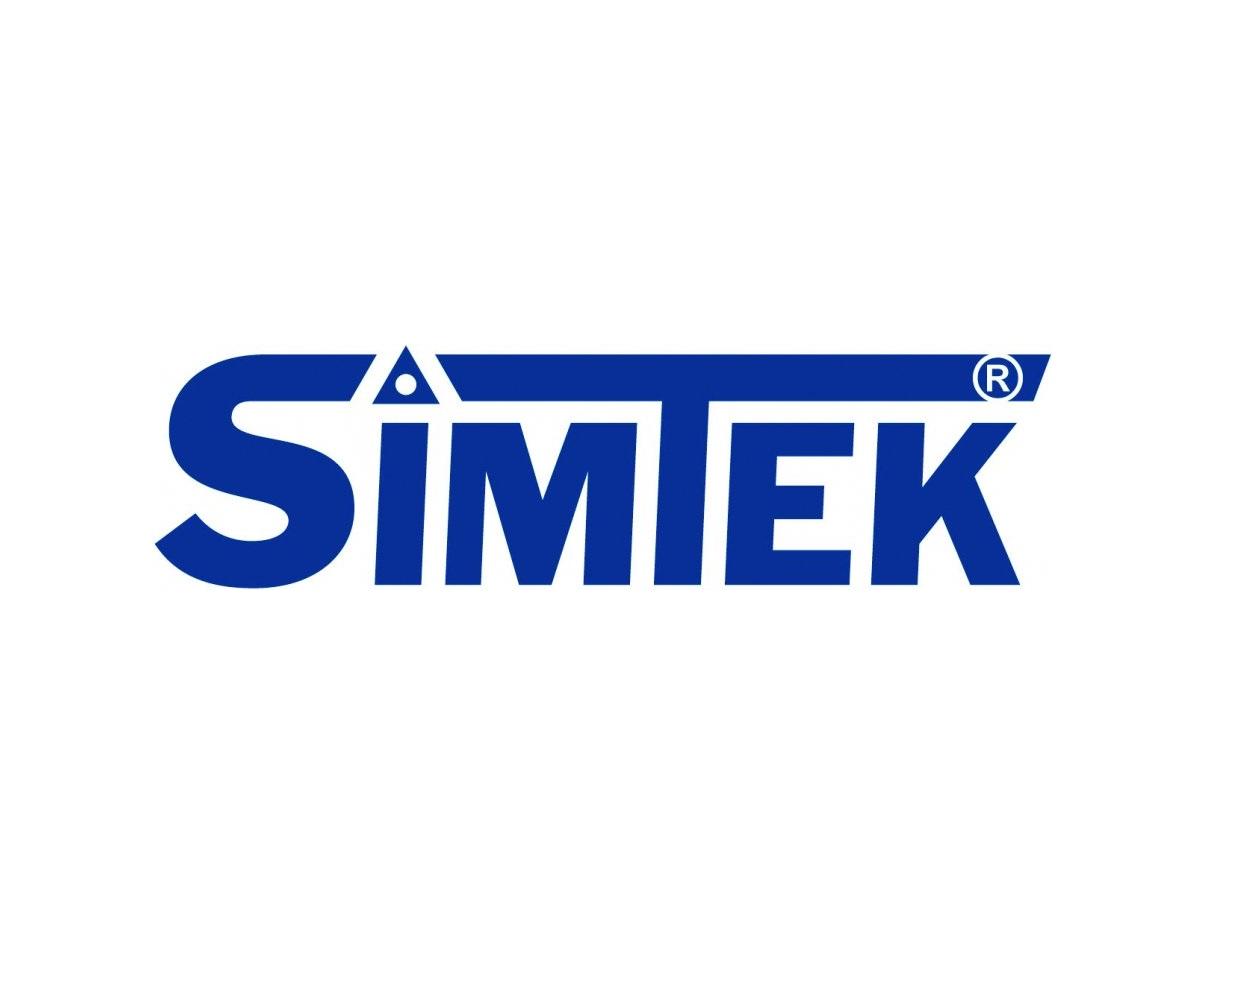 Металлорежущий инструмент simtek калибр измерительный инструмент официальный сайт